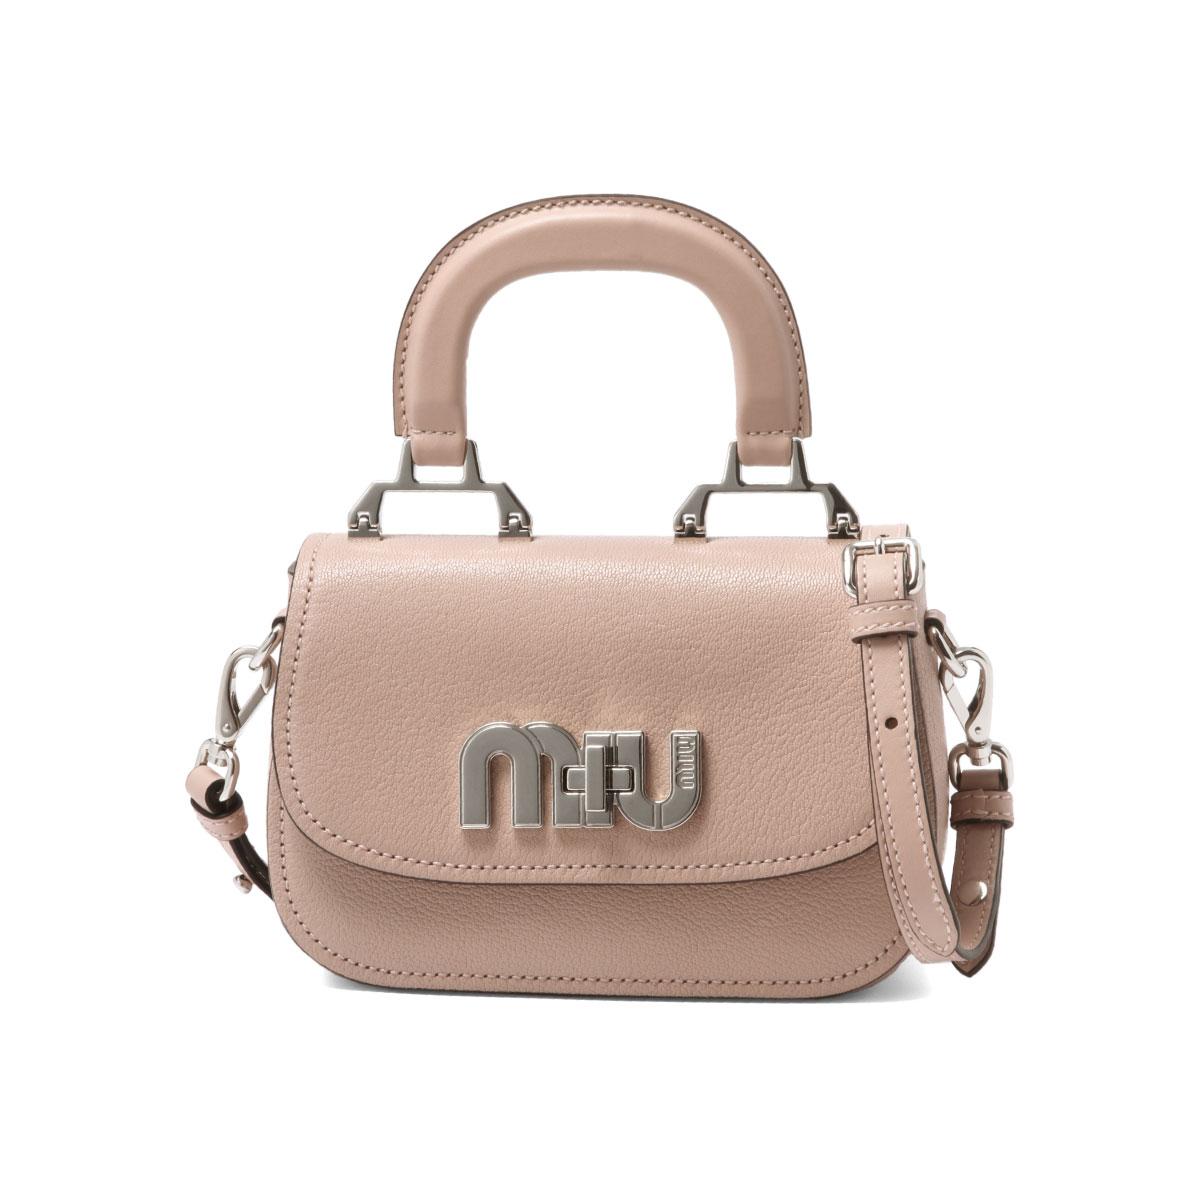 ミュウミュウ MIU MIU bag lady 5BD085 2AJB F0615 shoulder handbag ORCHIDEA pink  belonging to ee0aa272808e7